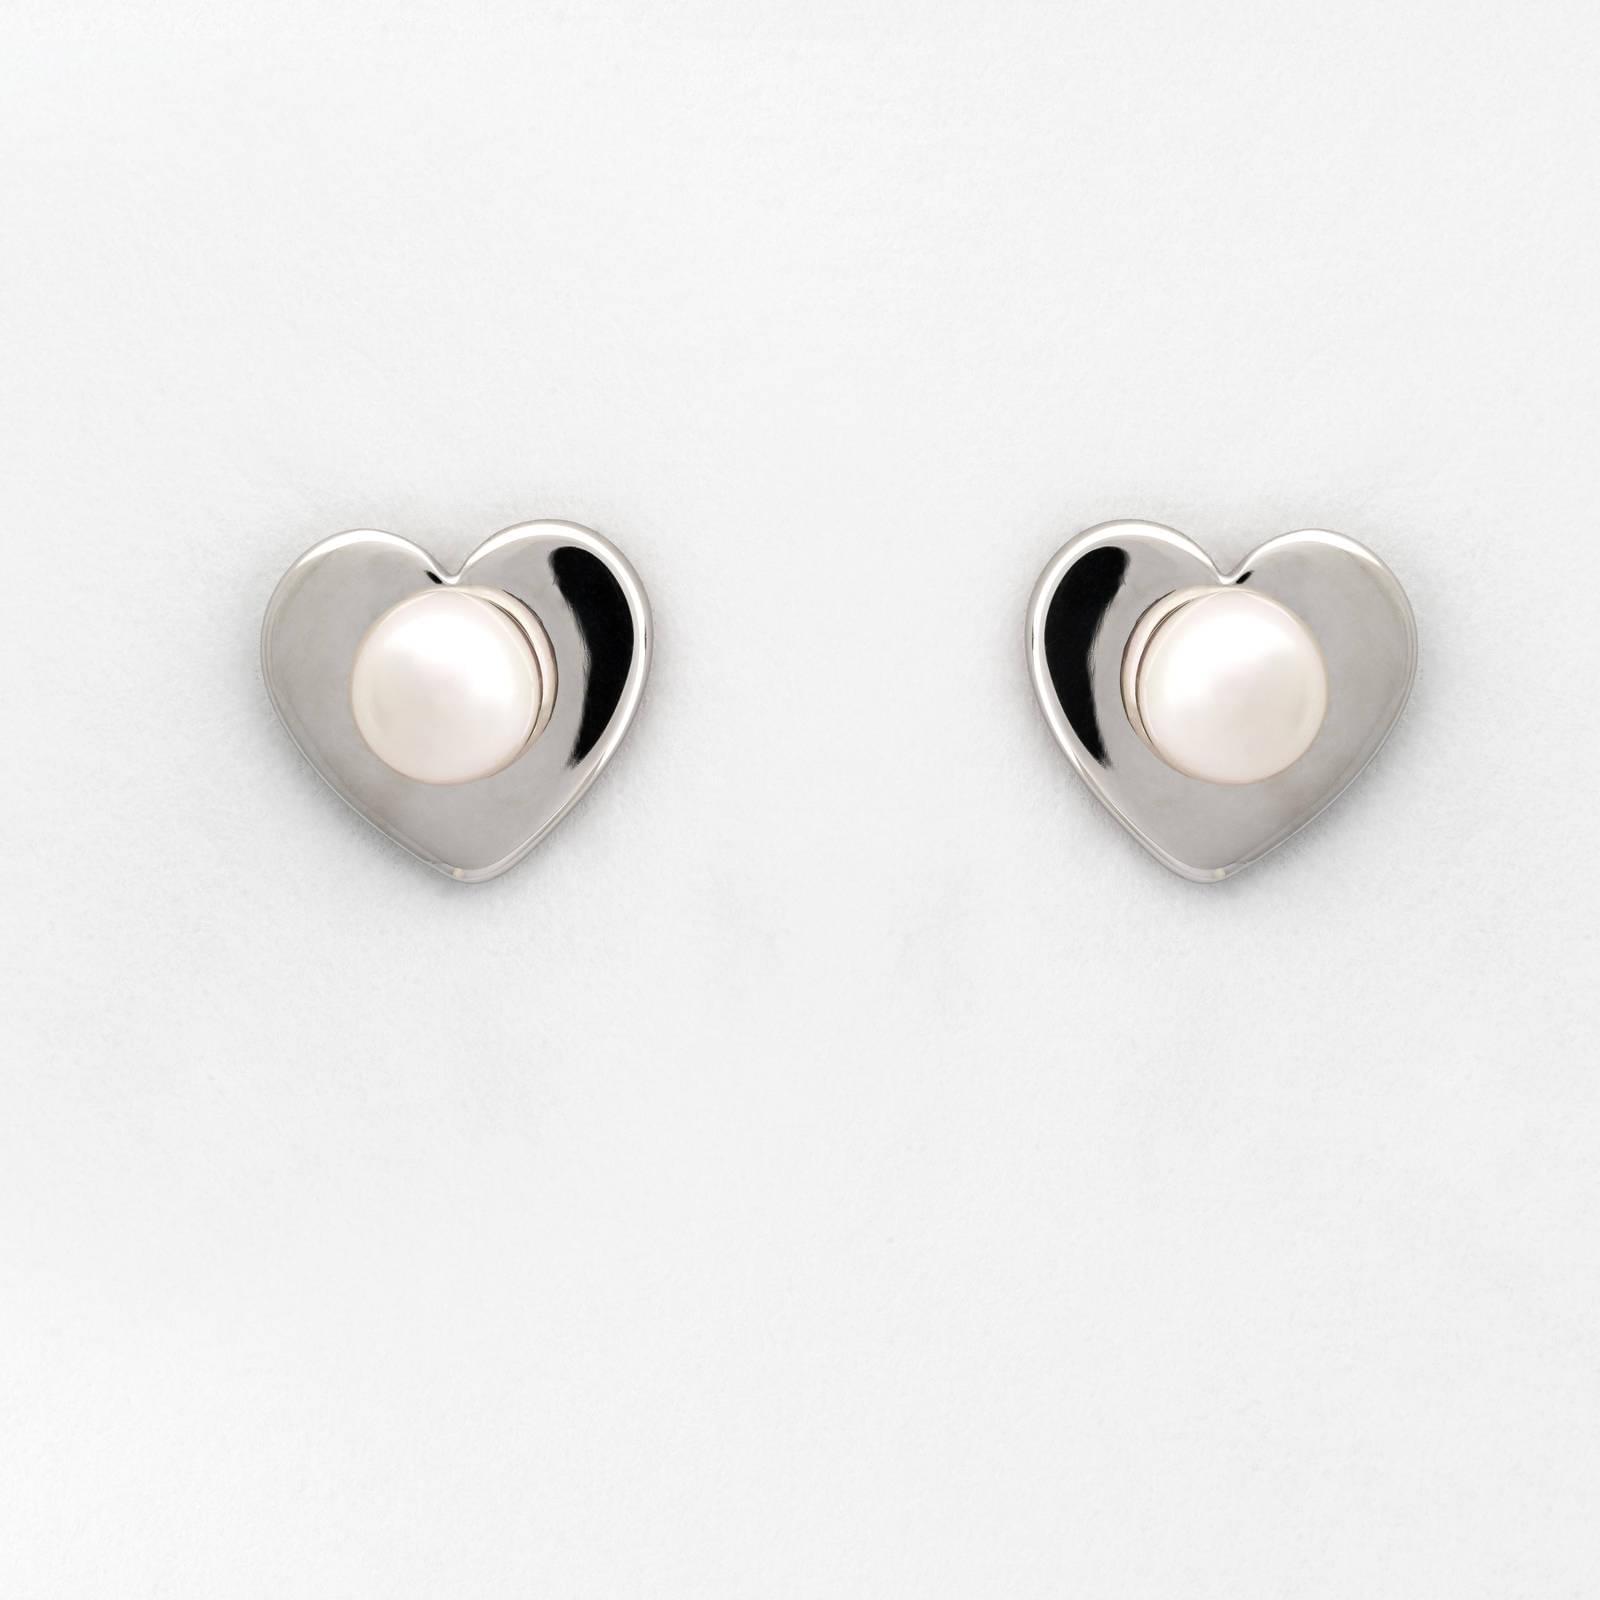 Brincos Heart - 16393.01.2